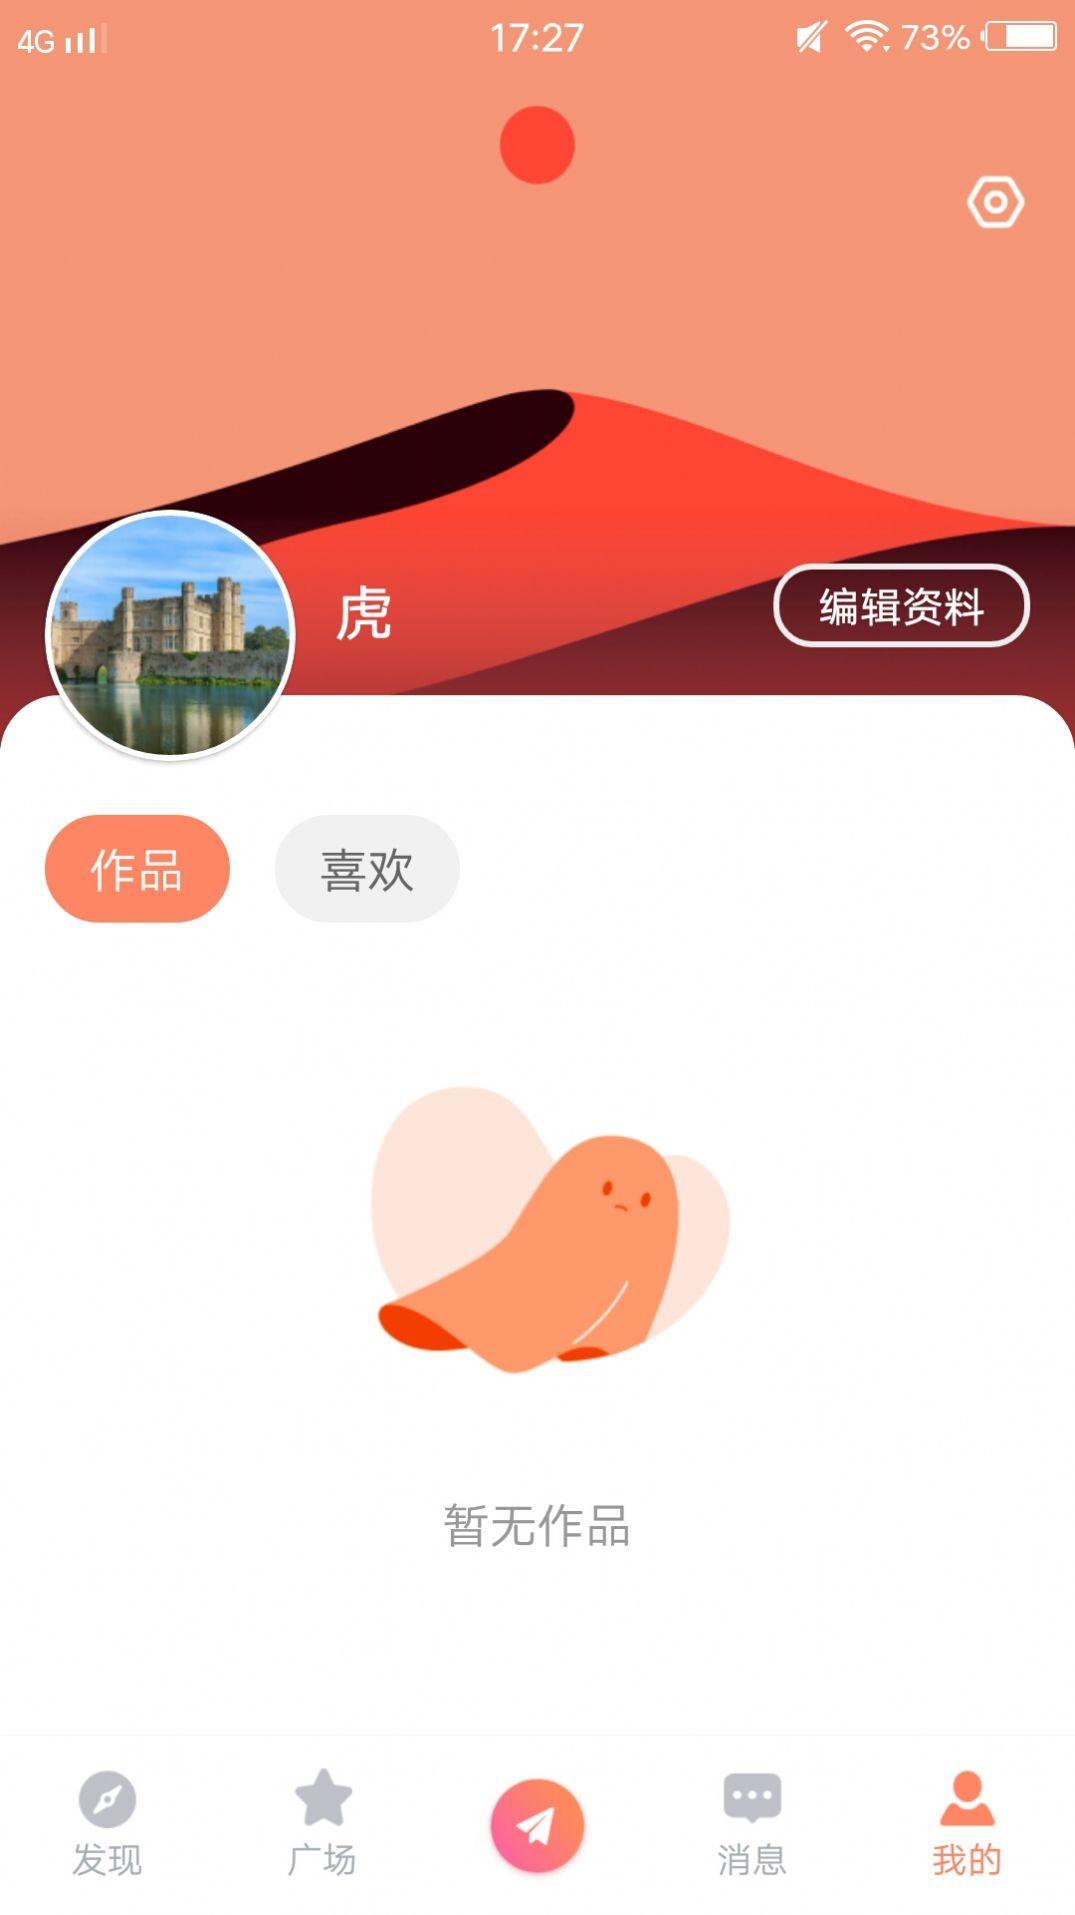 欢喜岛屿交友平台官网app下载图片2